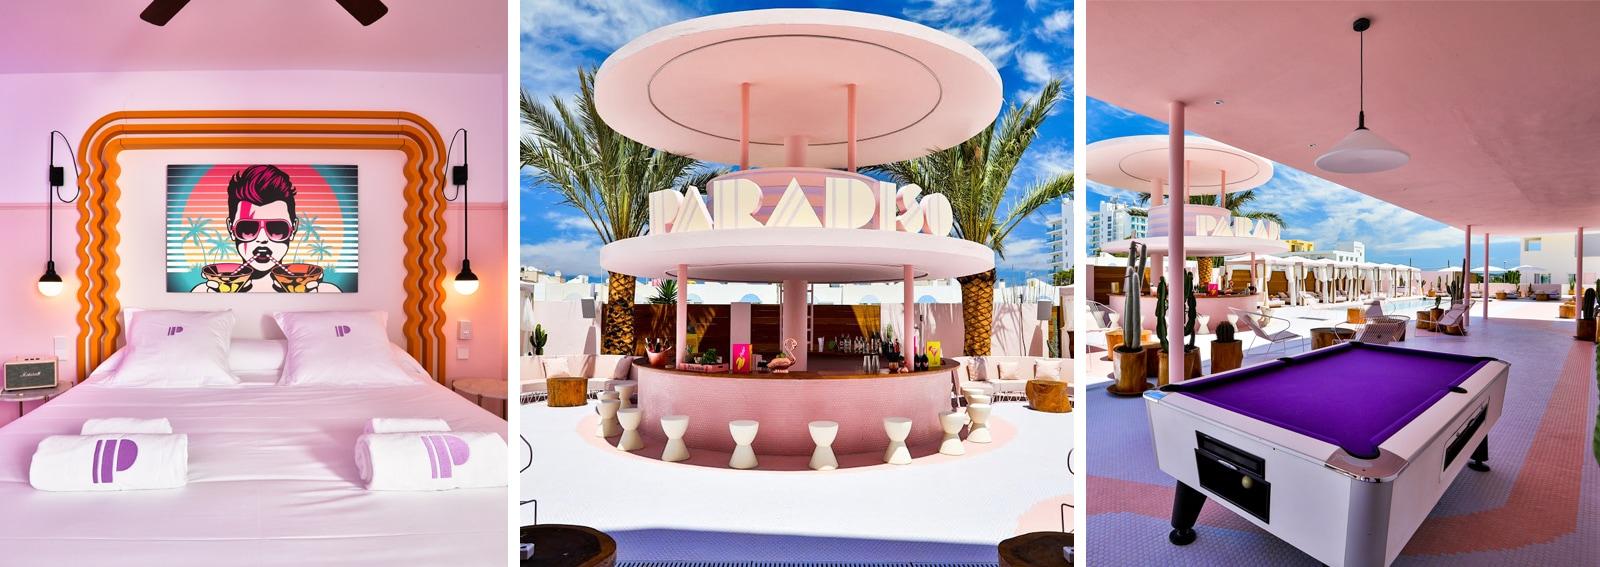 cover-pradiso-hotel-ibiza-desktop